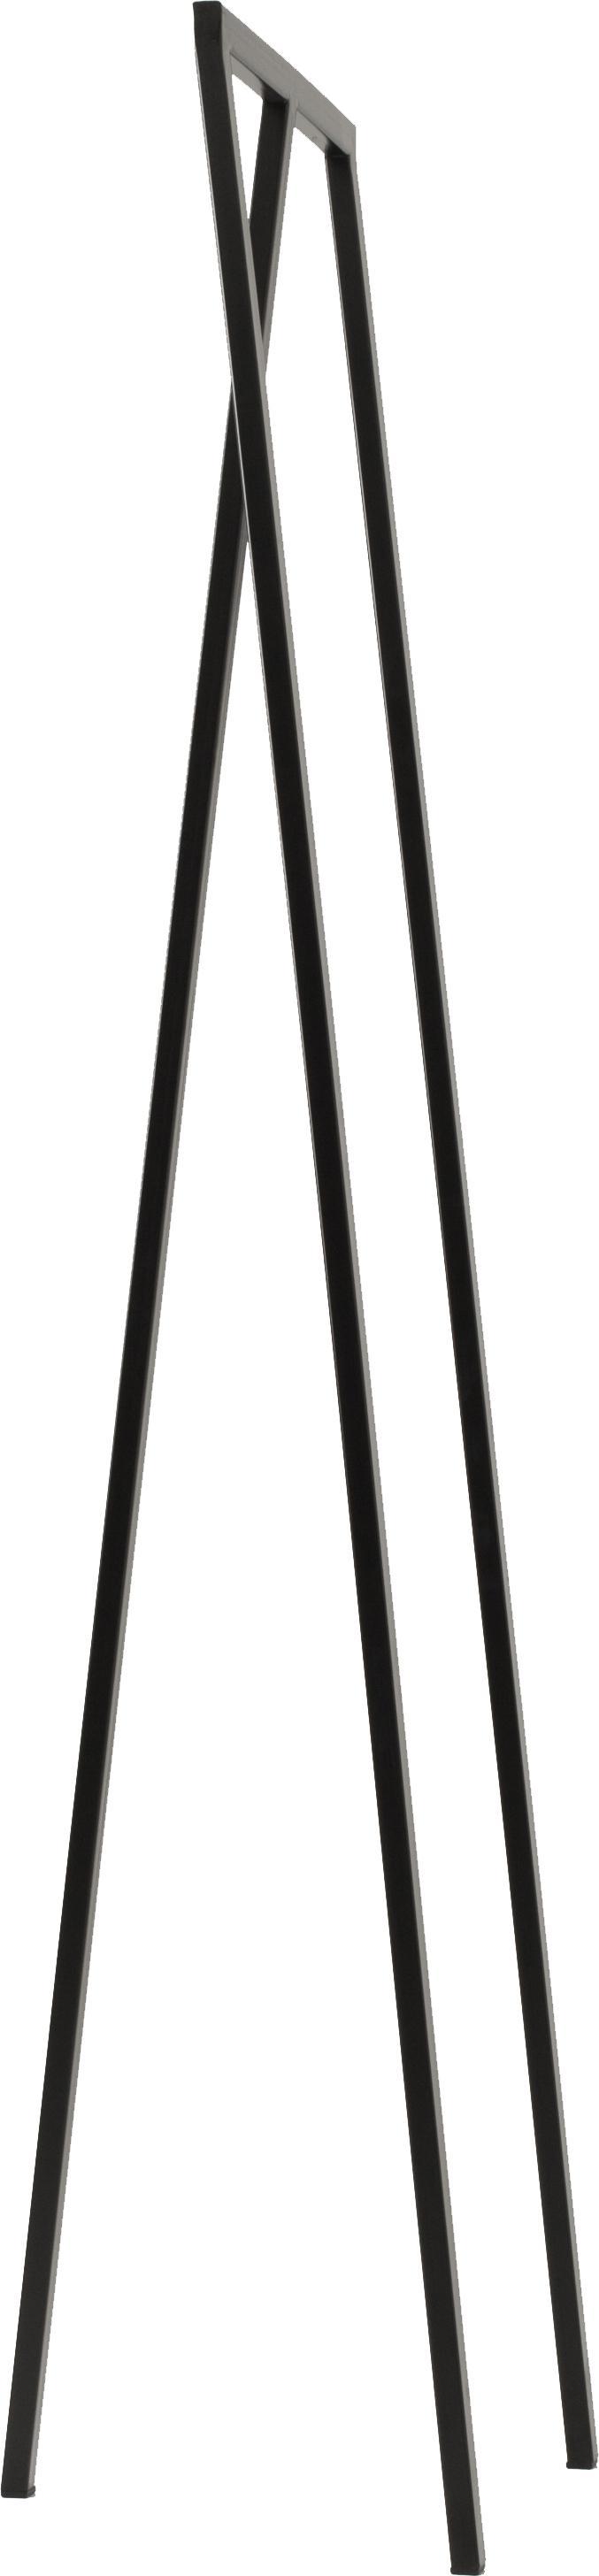 Metalen kledingstang Kaya in zwart, Gelakt metaal, Zwart, 50 x 173 cm